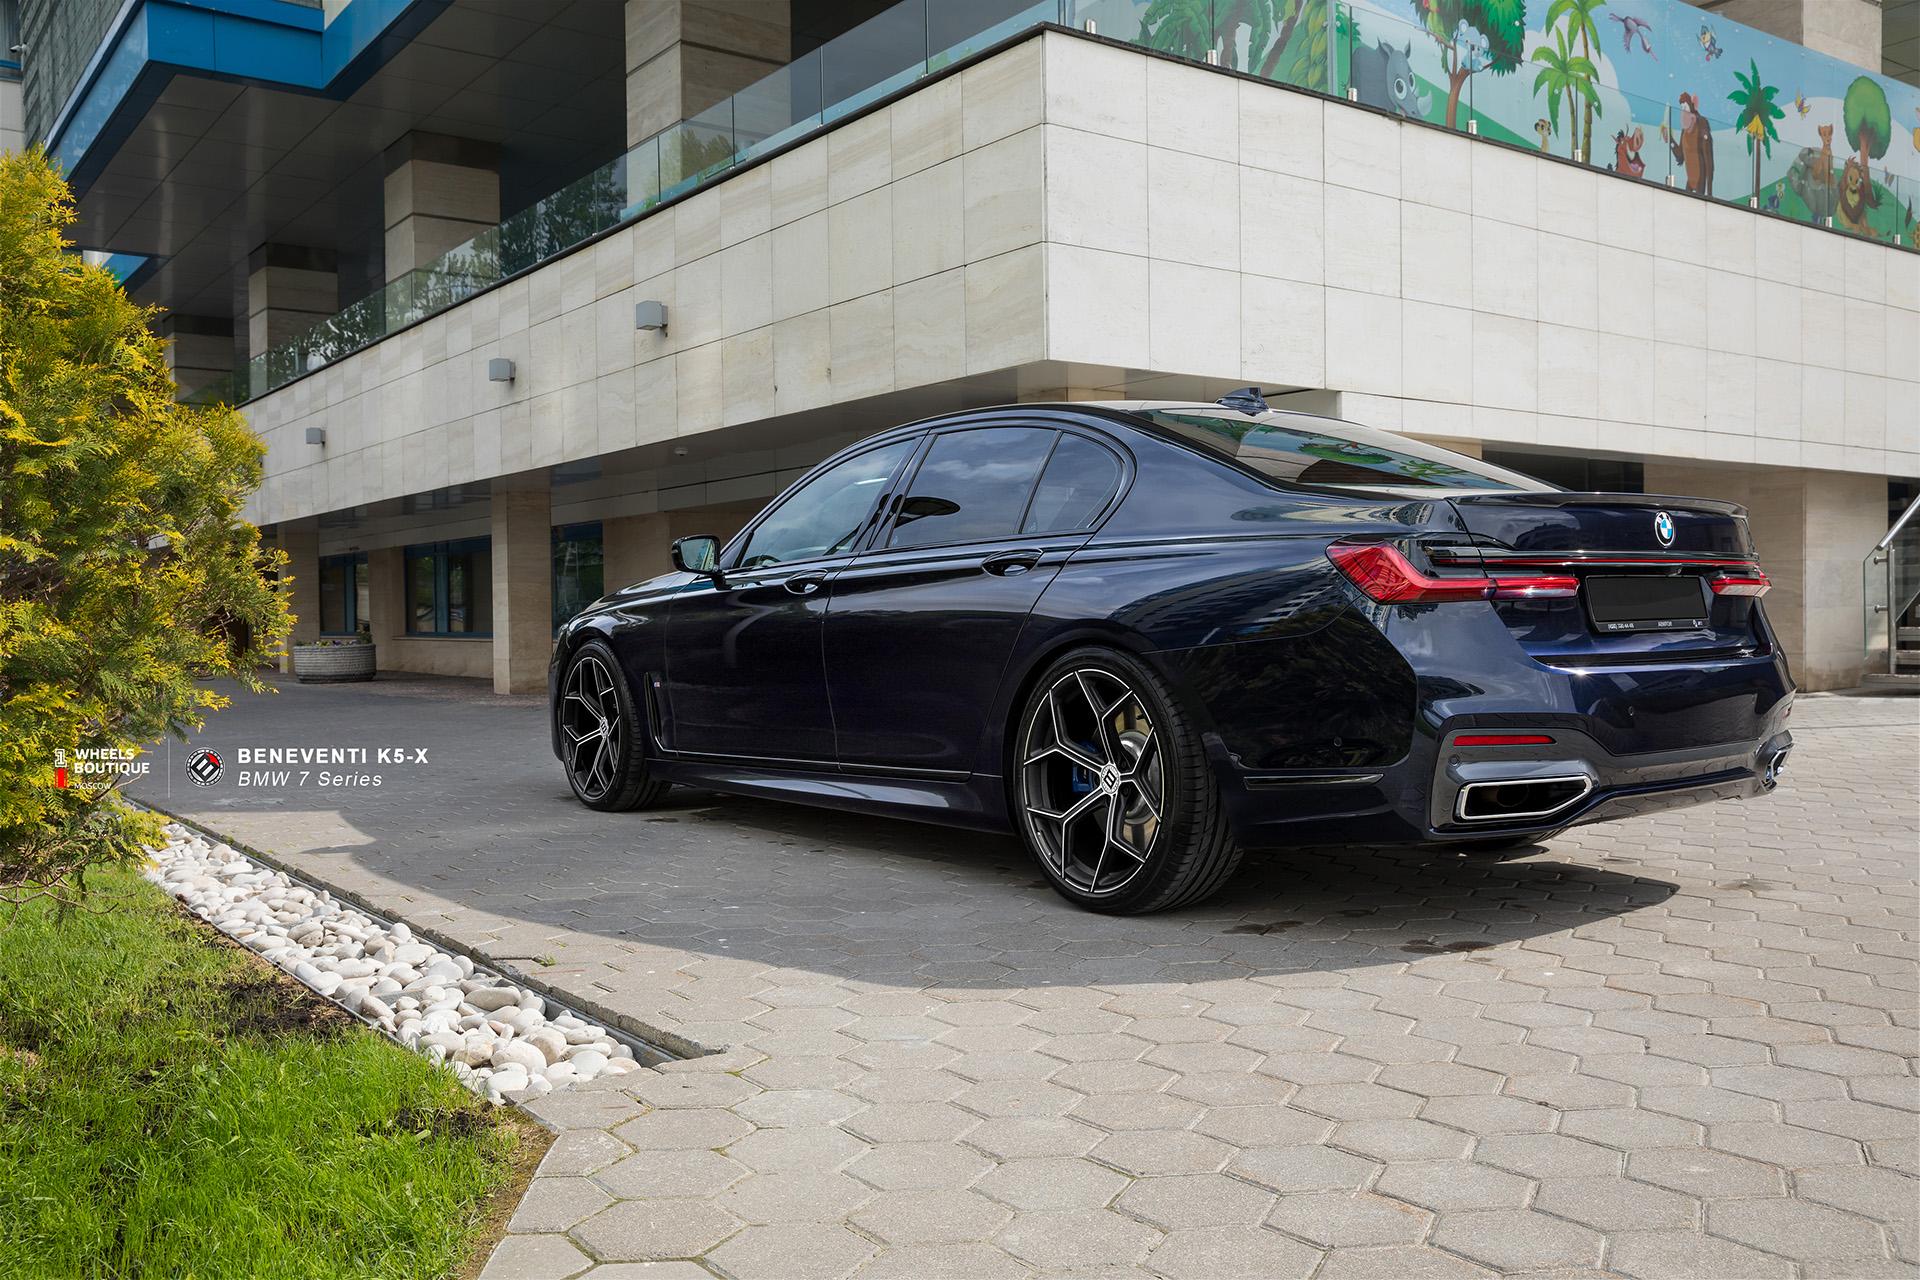 Кованый моноблок Beneventi K5-X для BMW 7